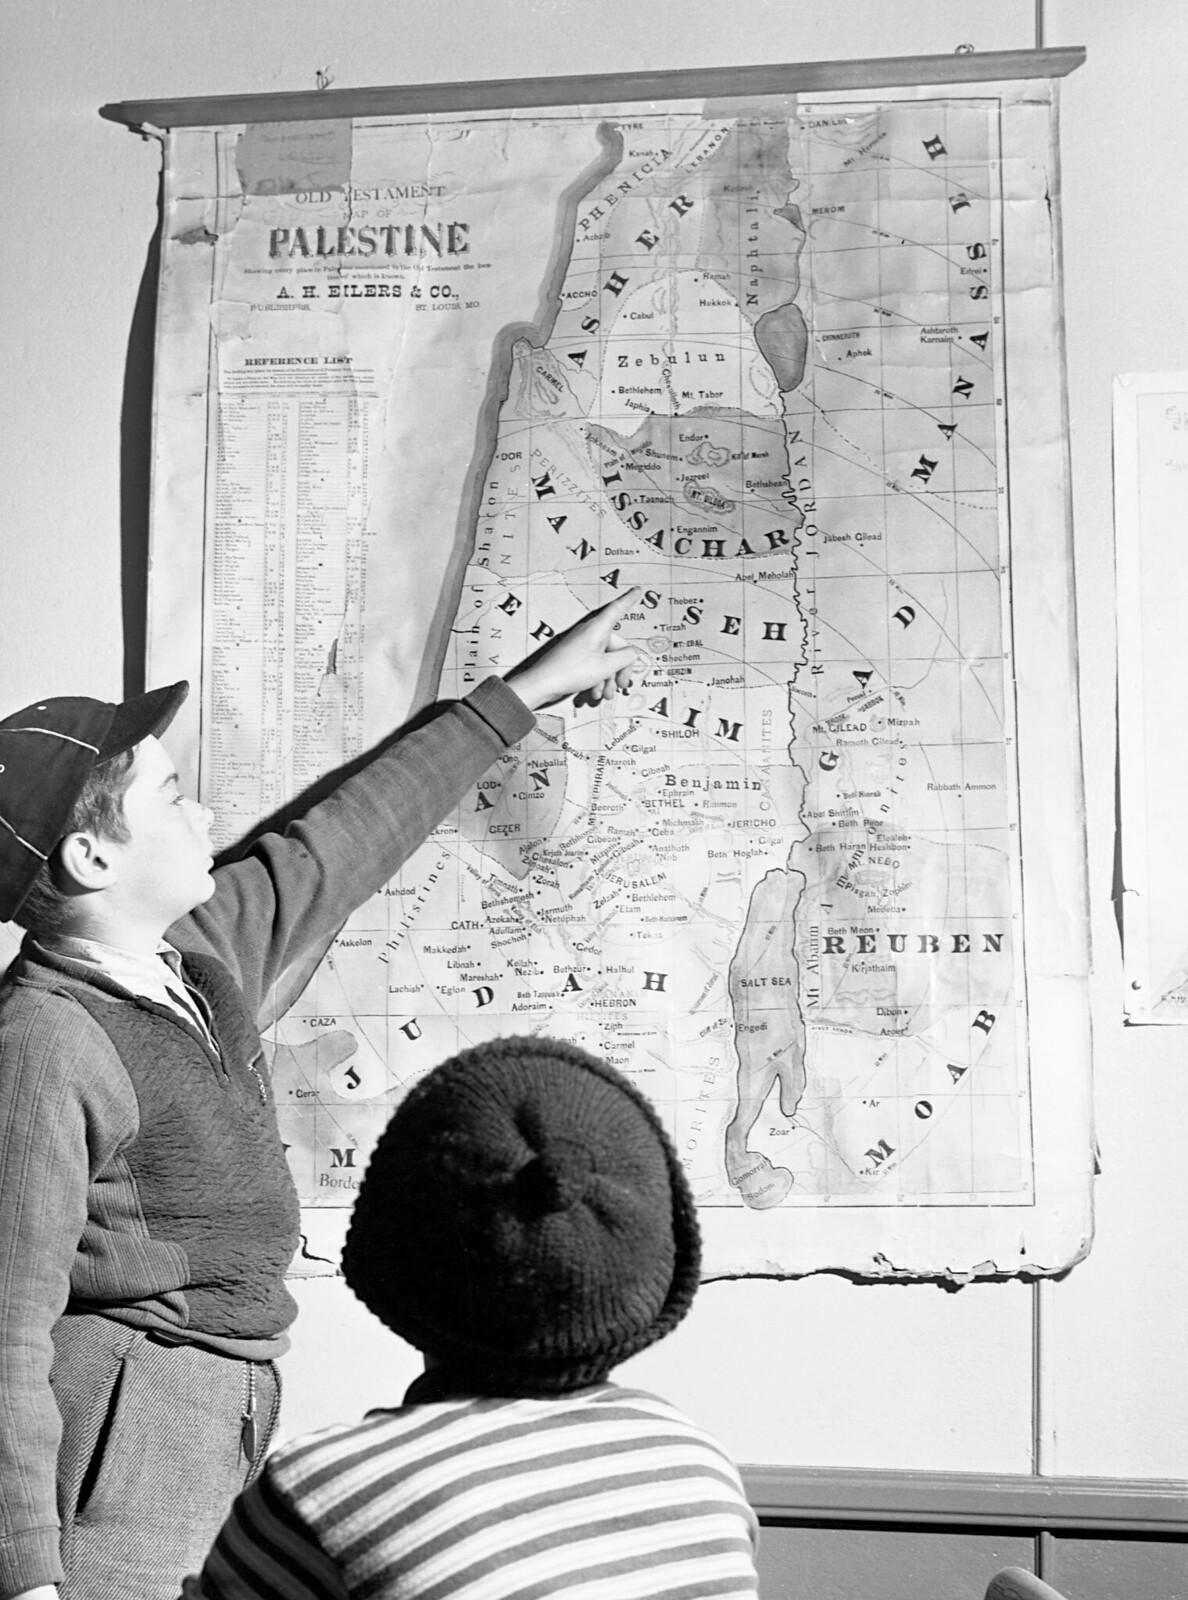 14. Двое мальчиков в еврейской школе изучают карту Палестины. Ноябрь